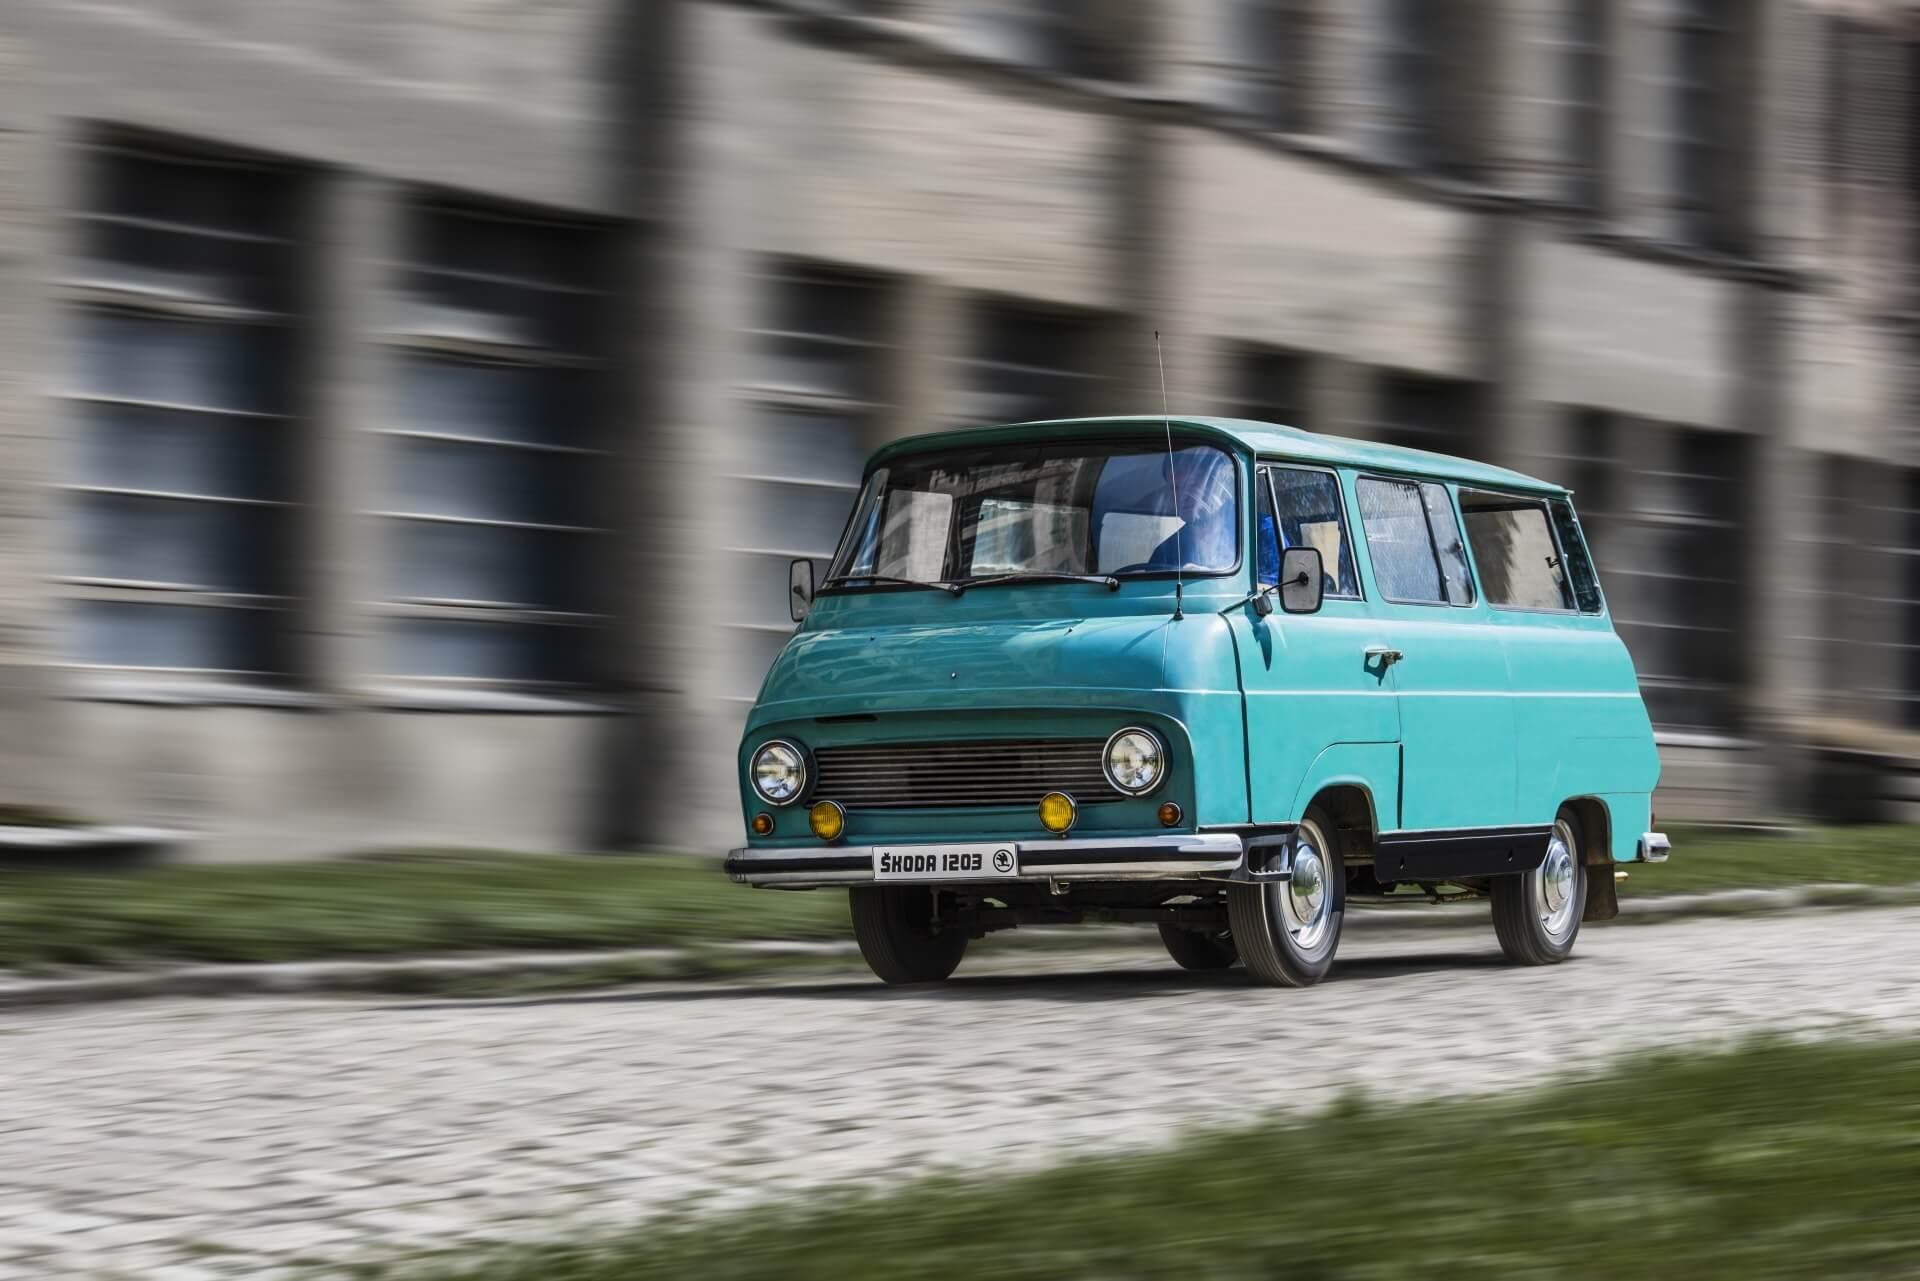 Ретро-фургон Skoda 1203